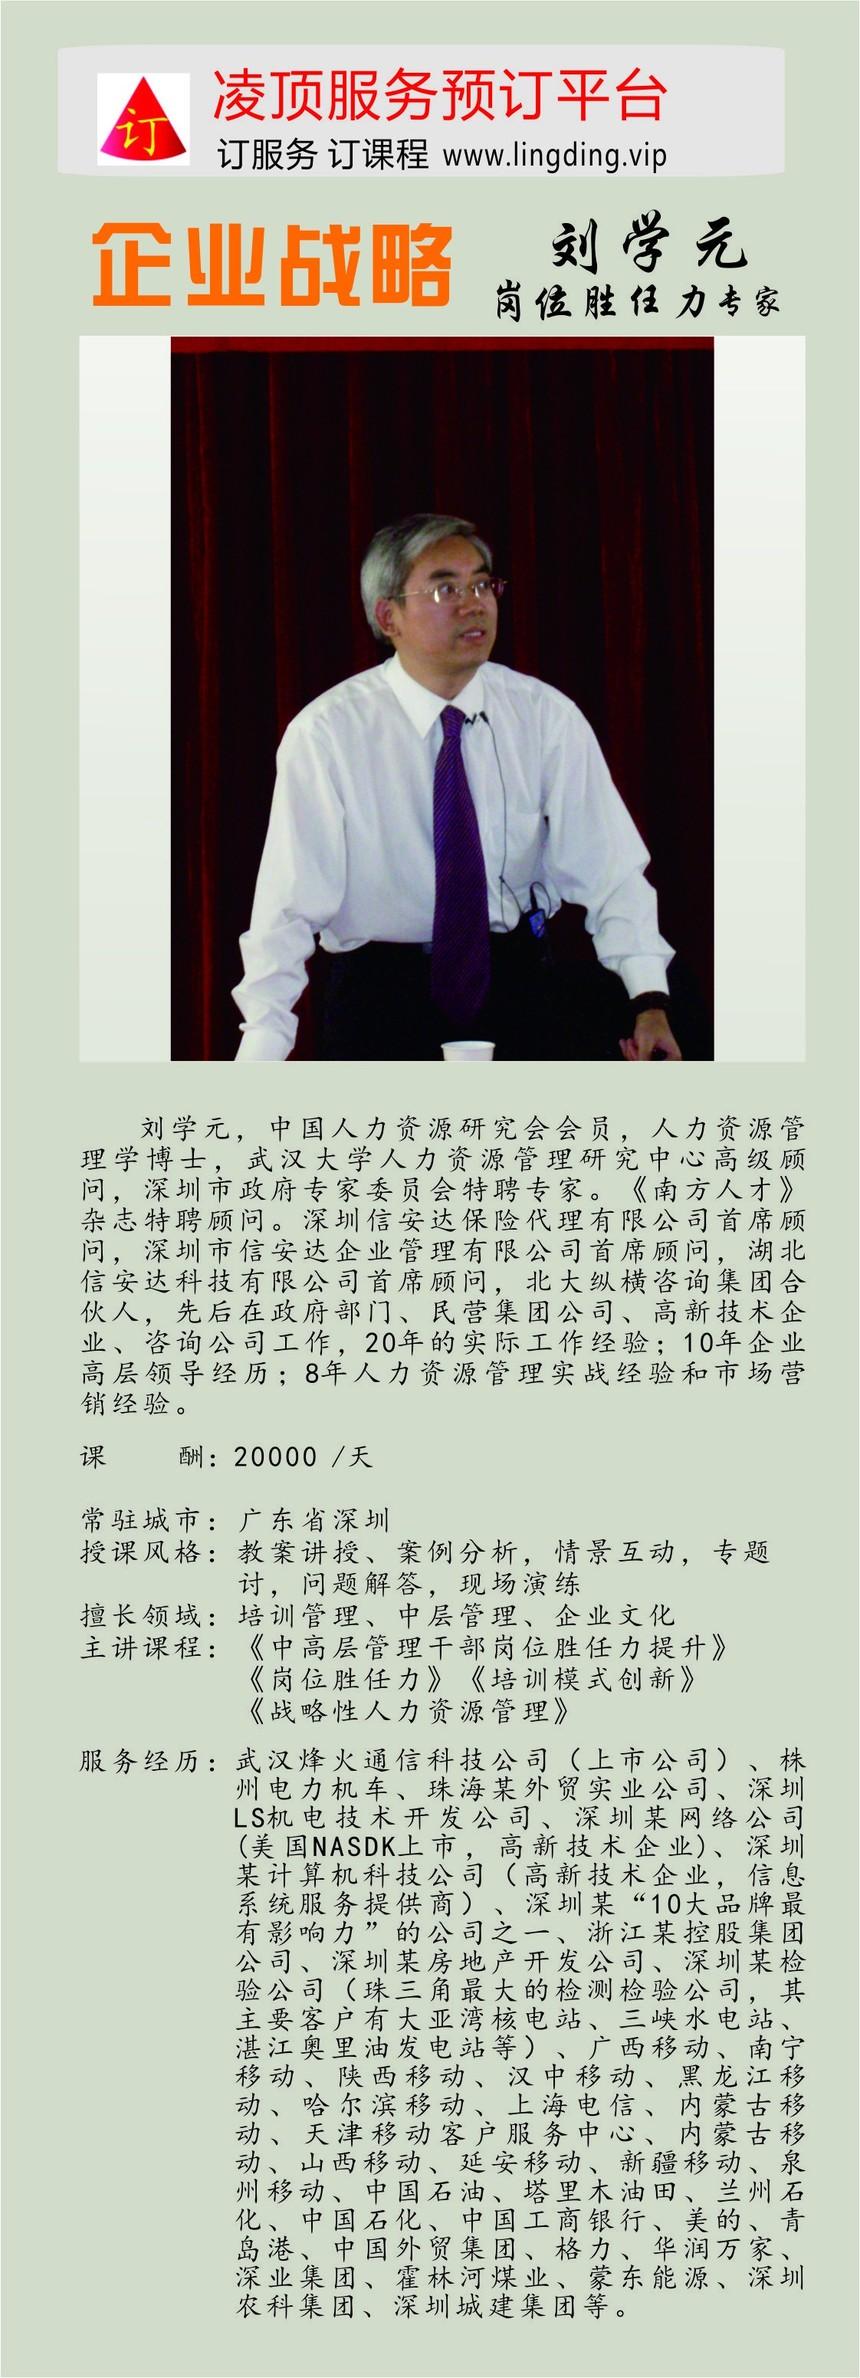 刘学元企业岗位胜任力培训企业战略管理培训课程.jpg